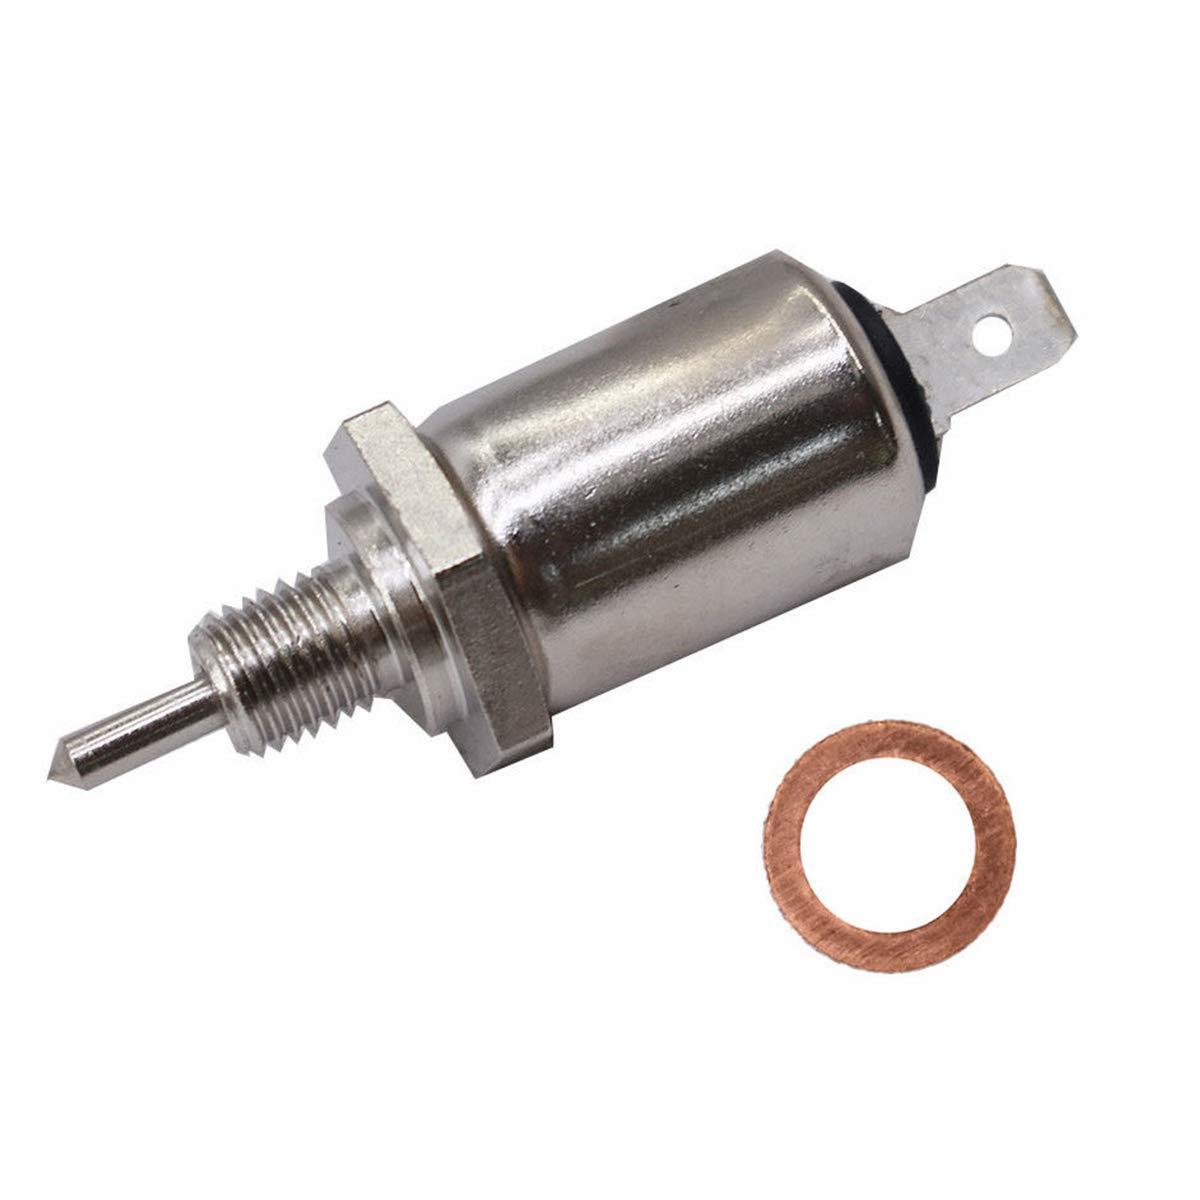 Carburetor Carb Fuel Shut Off Solenoid Fits John Deere M138477 LT180 LX277 X 475 X520 X 540 X700 X 710 Z840 GX345 GX325 & 15003-2801 Toro 74401 74405 74801 Lawn Tractor Kawasaki 21188-2011 HAOCHENG